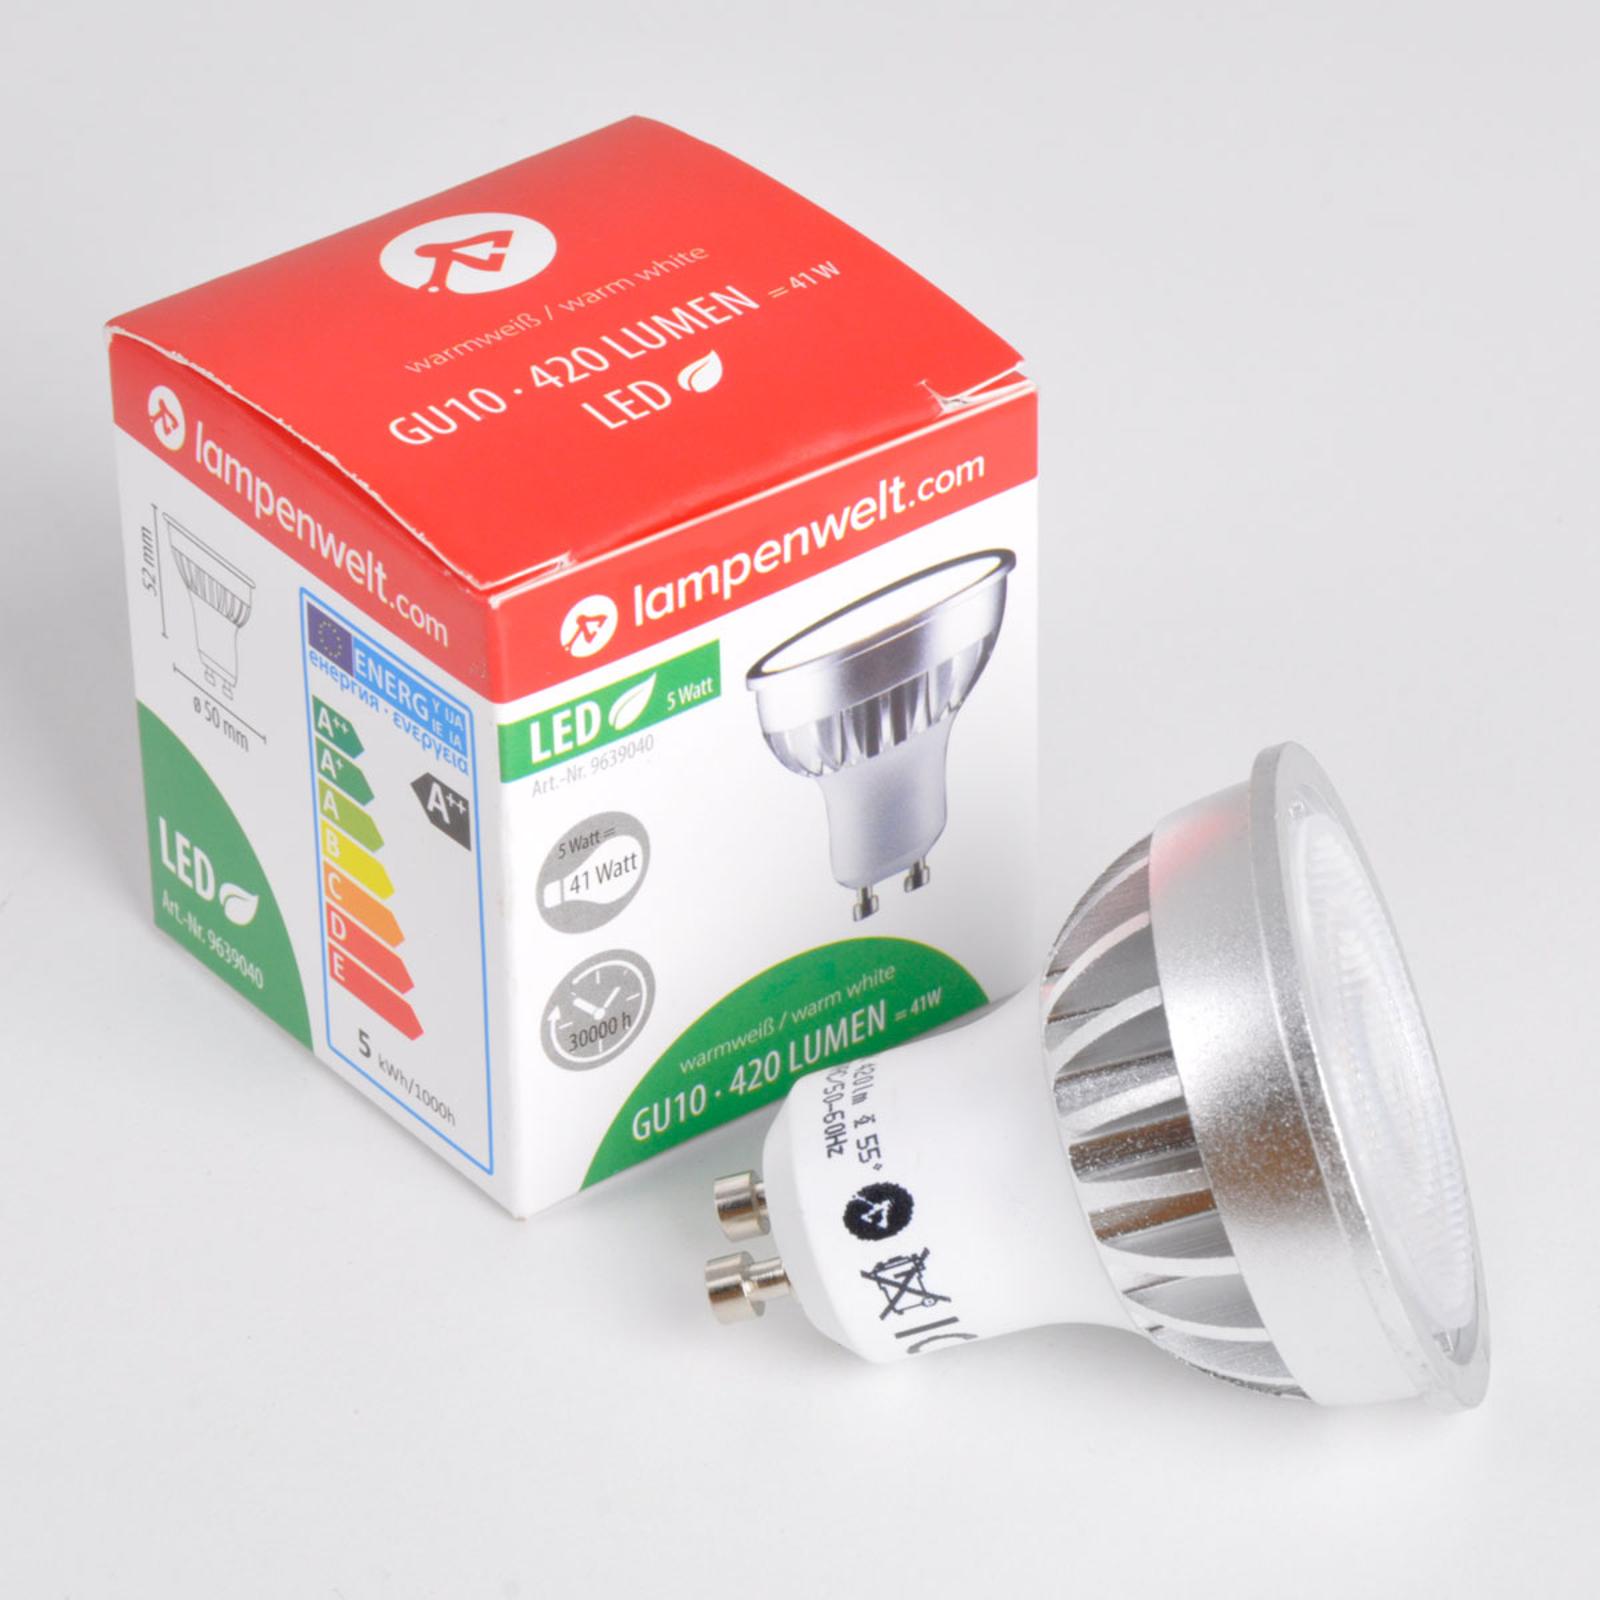 GU10 5 W 830 LED reflektor 55°